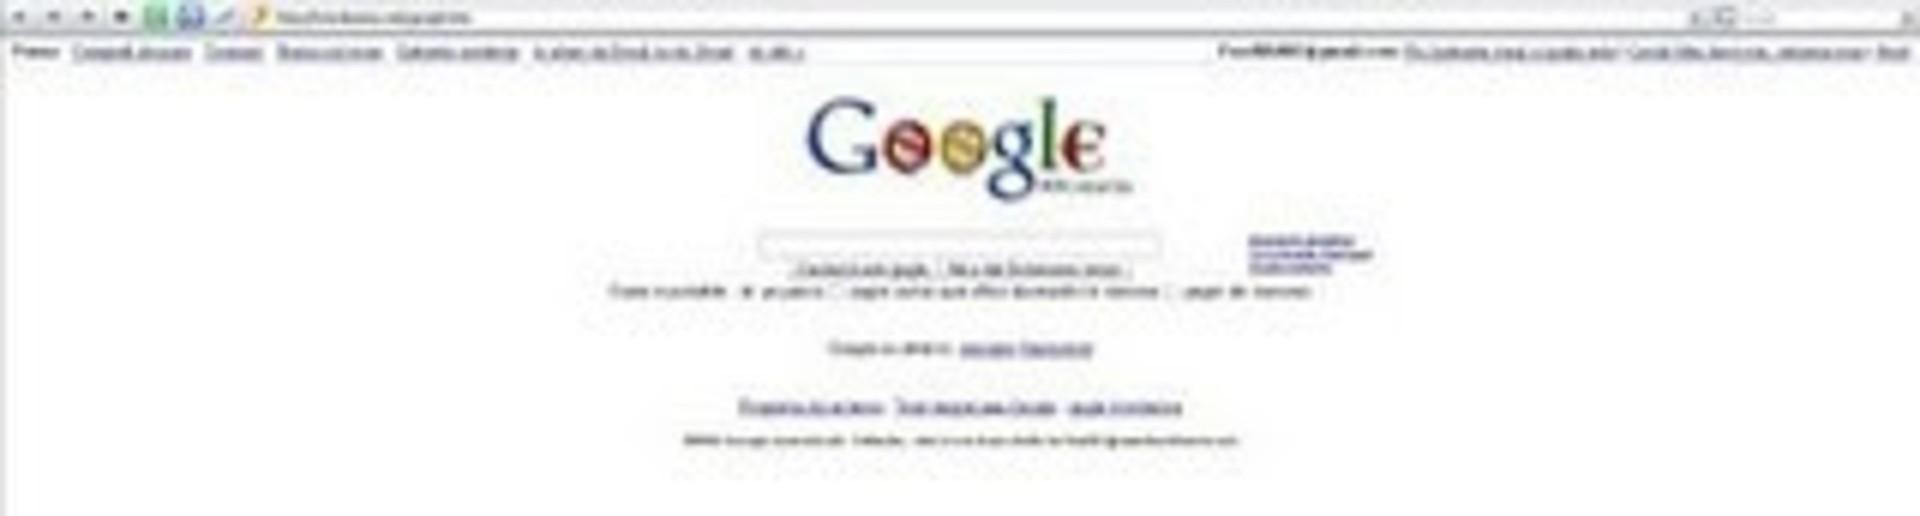 Google pentru rromi